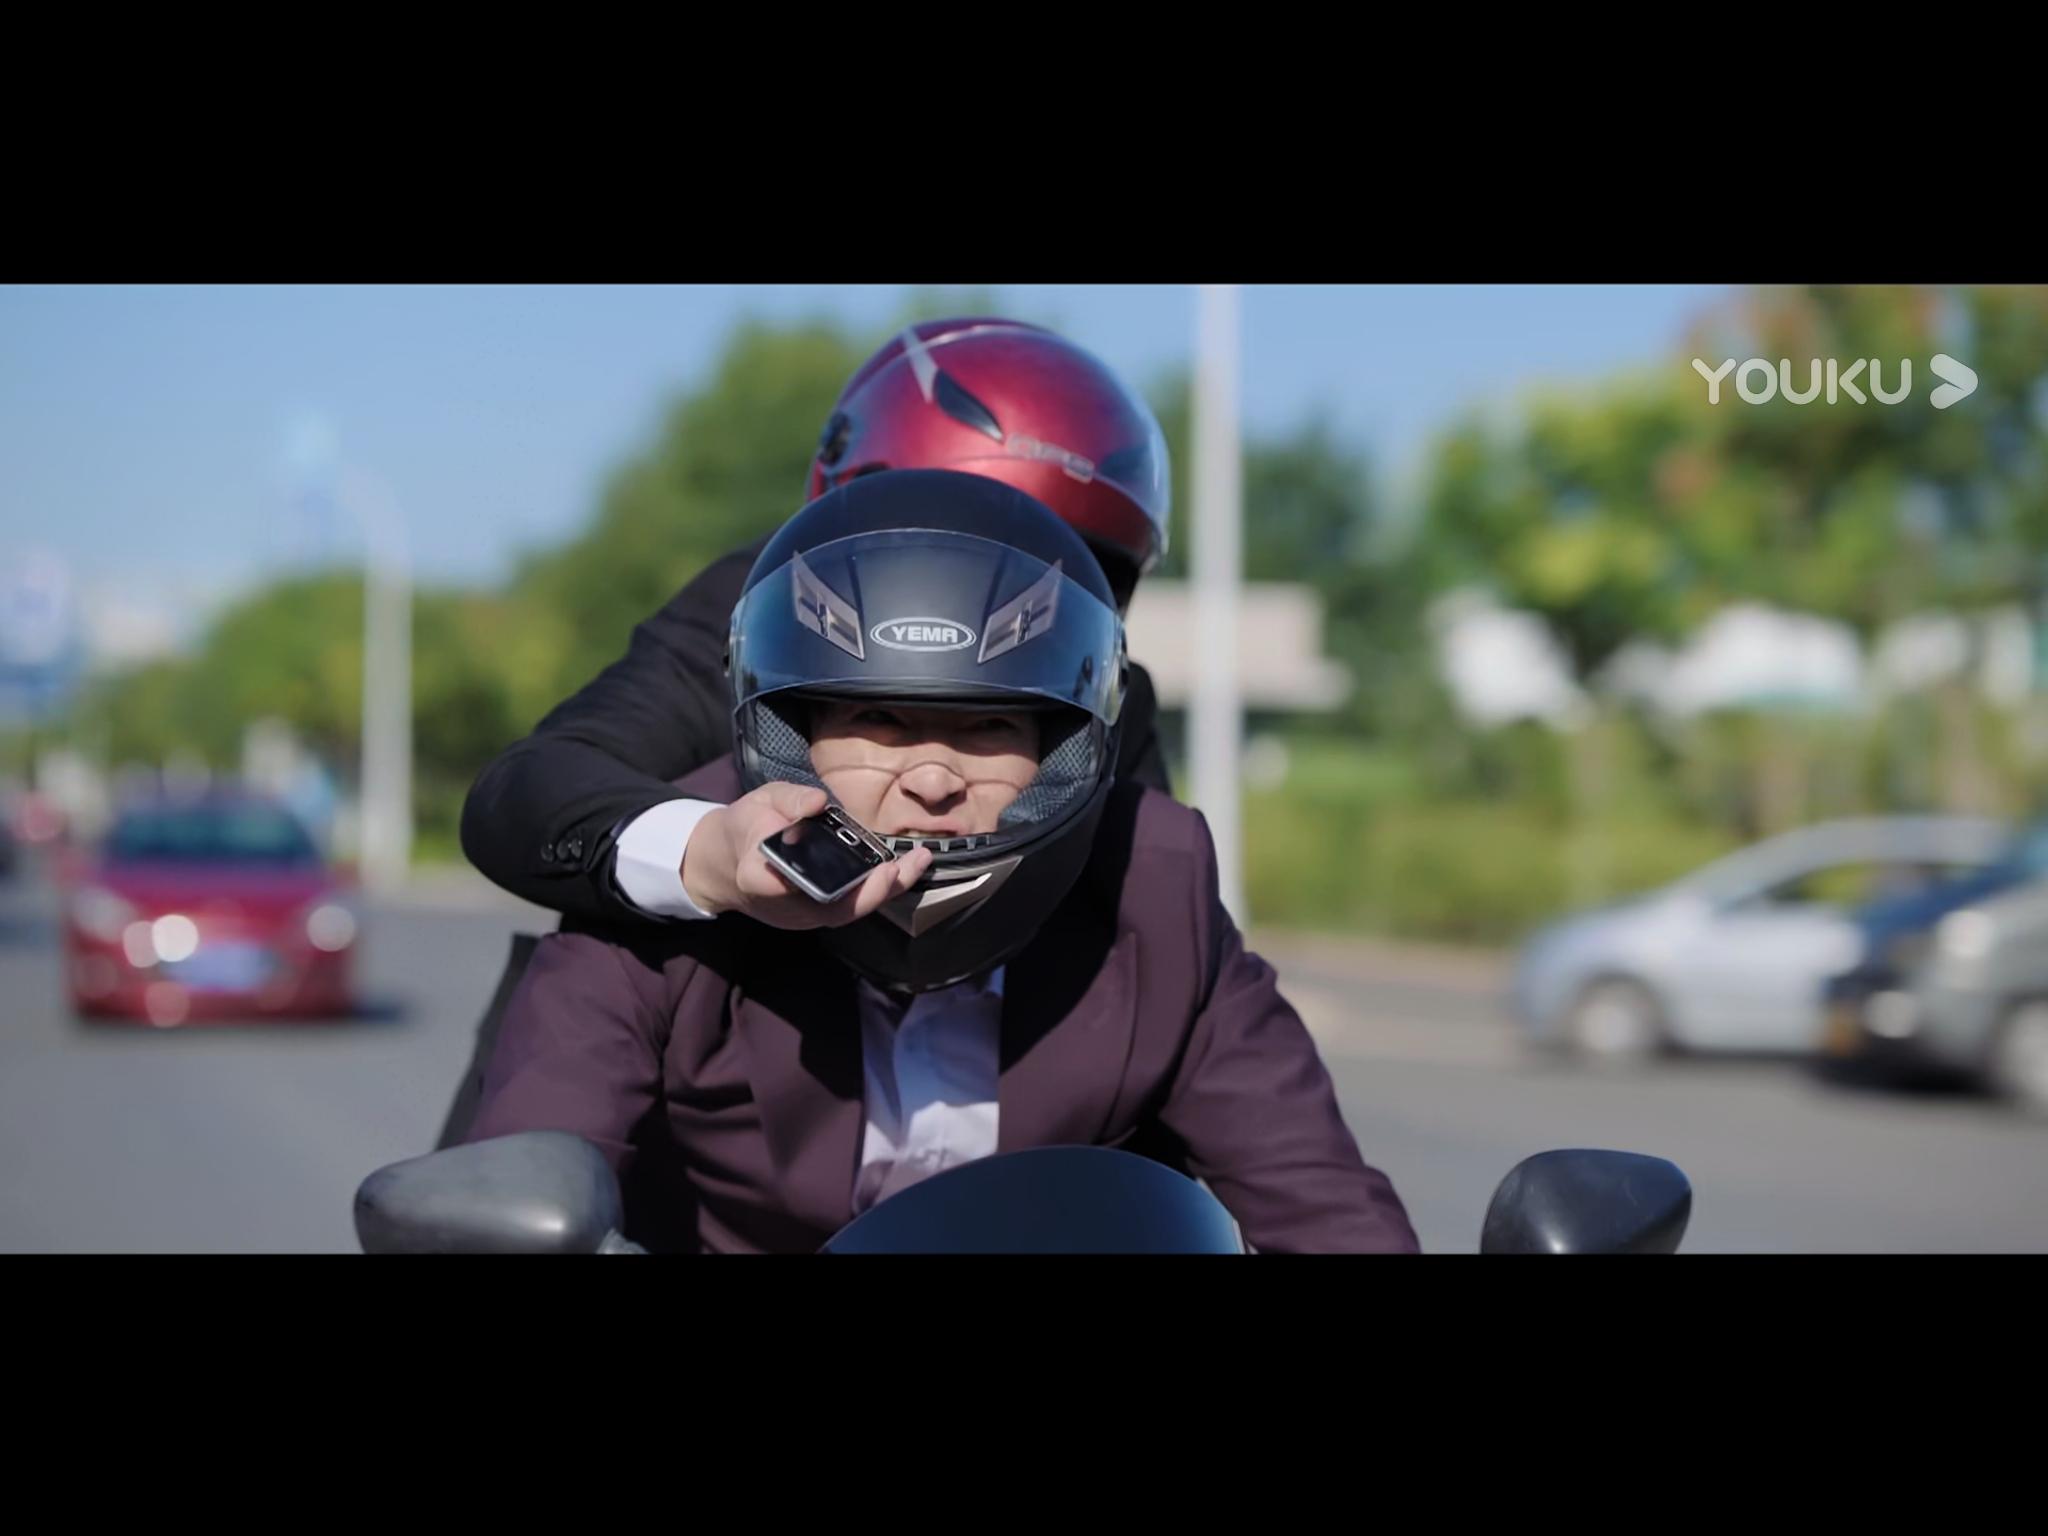 前一个镜头还是在狂飙飞驰的摩托上指点江山